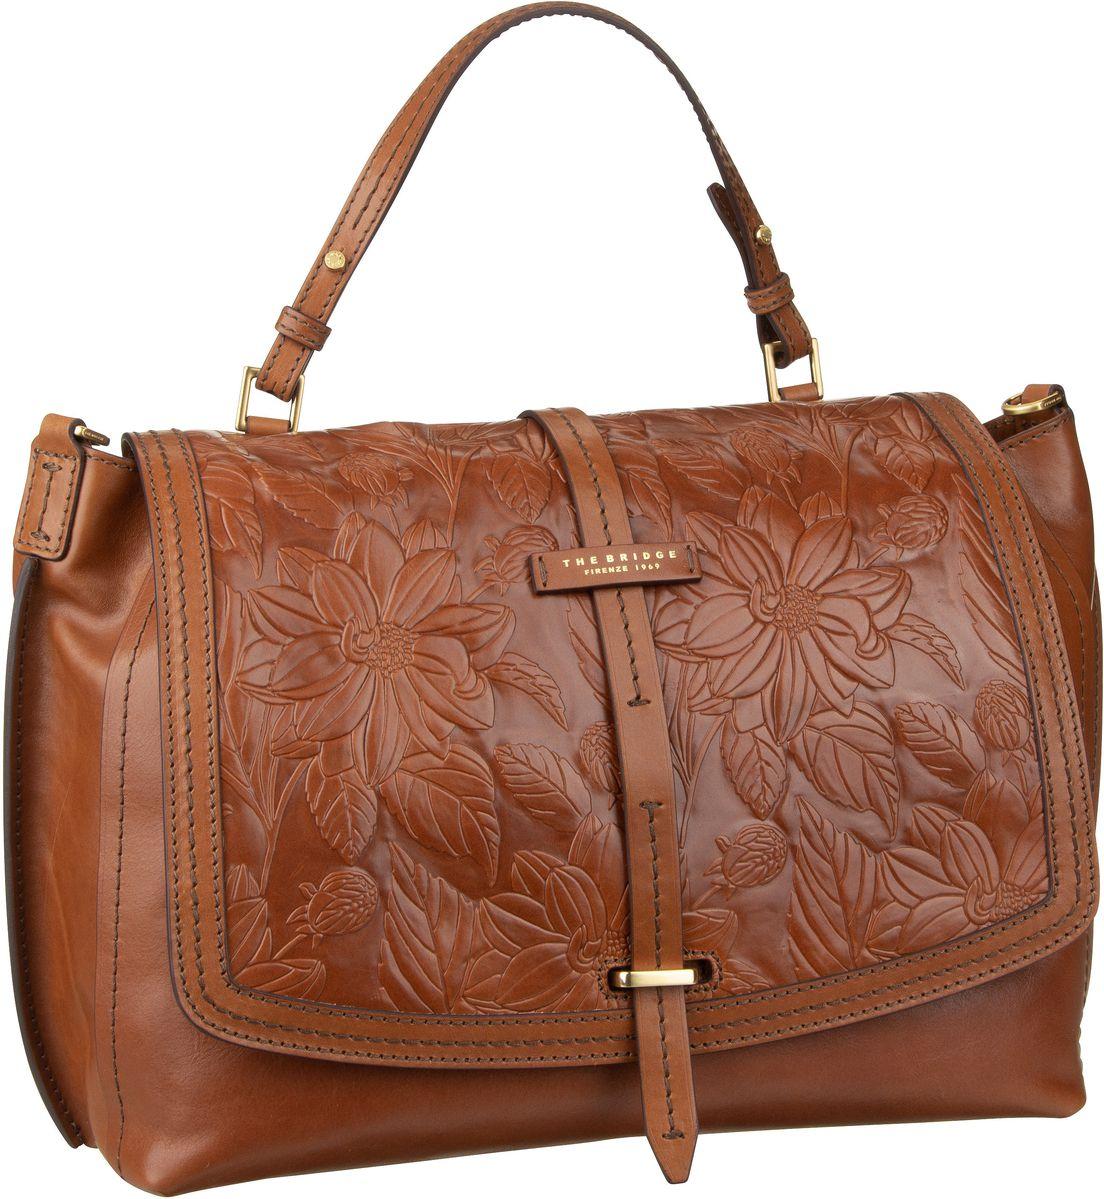 Handtasche Capraia Handtasche 1327 Cognac/Oro